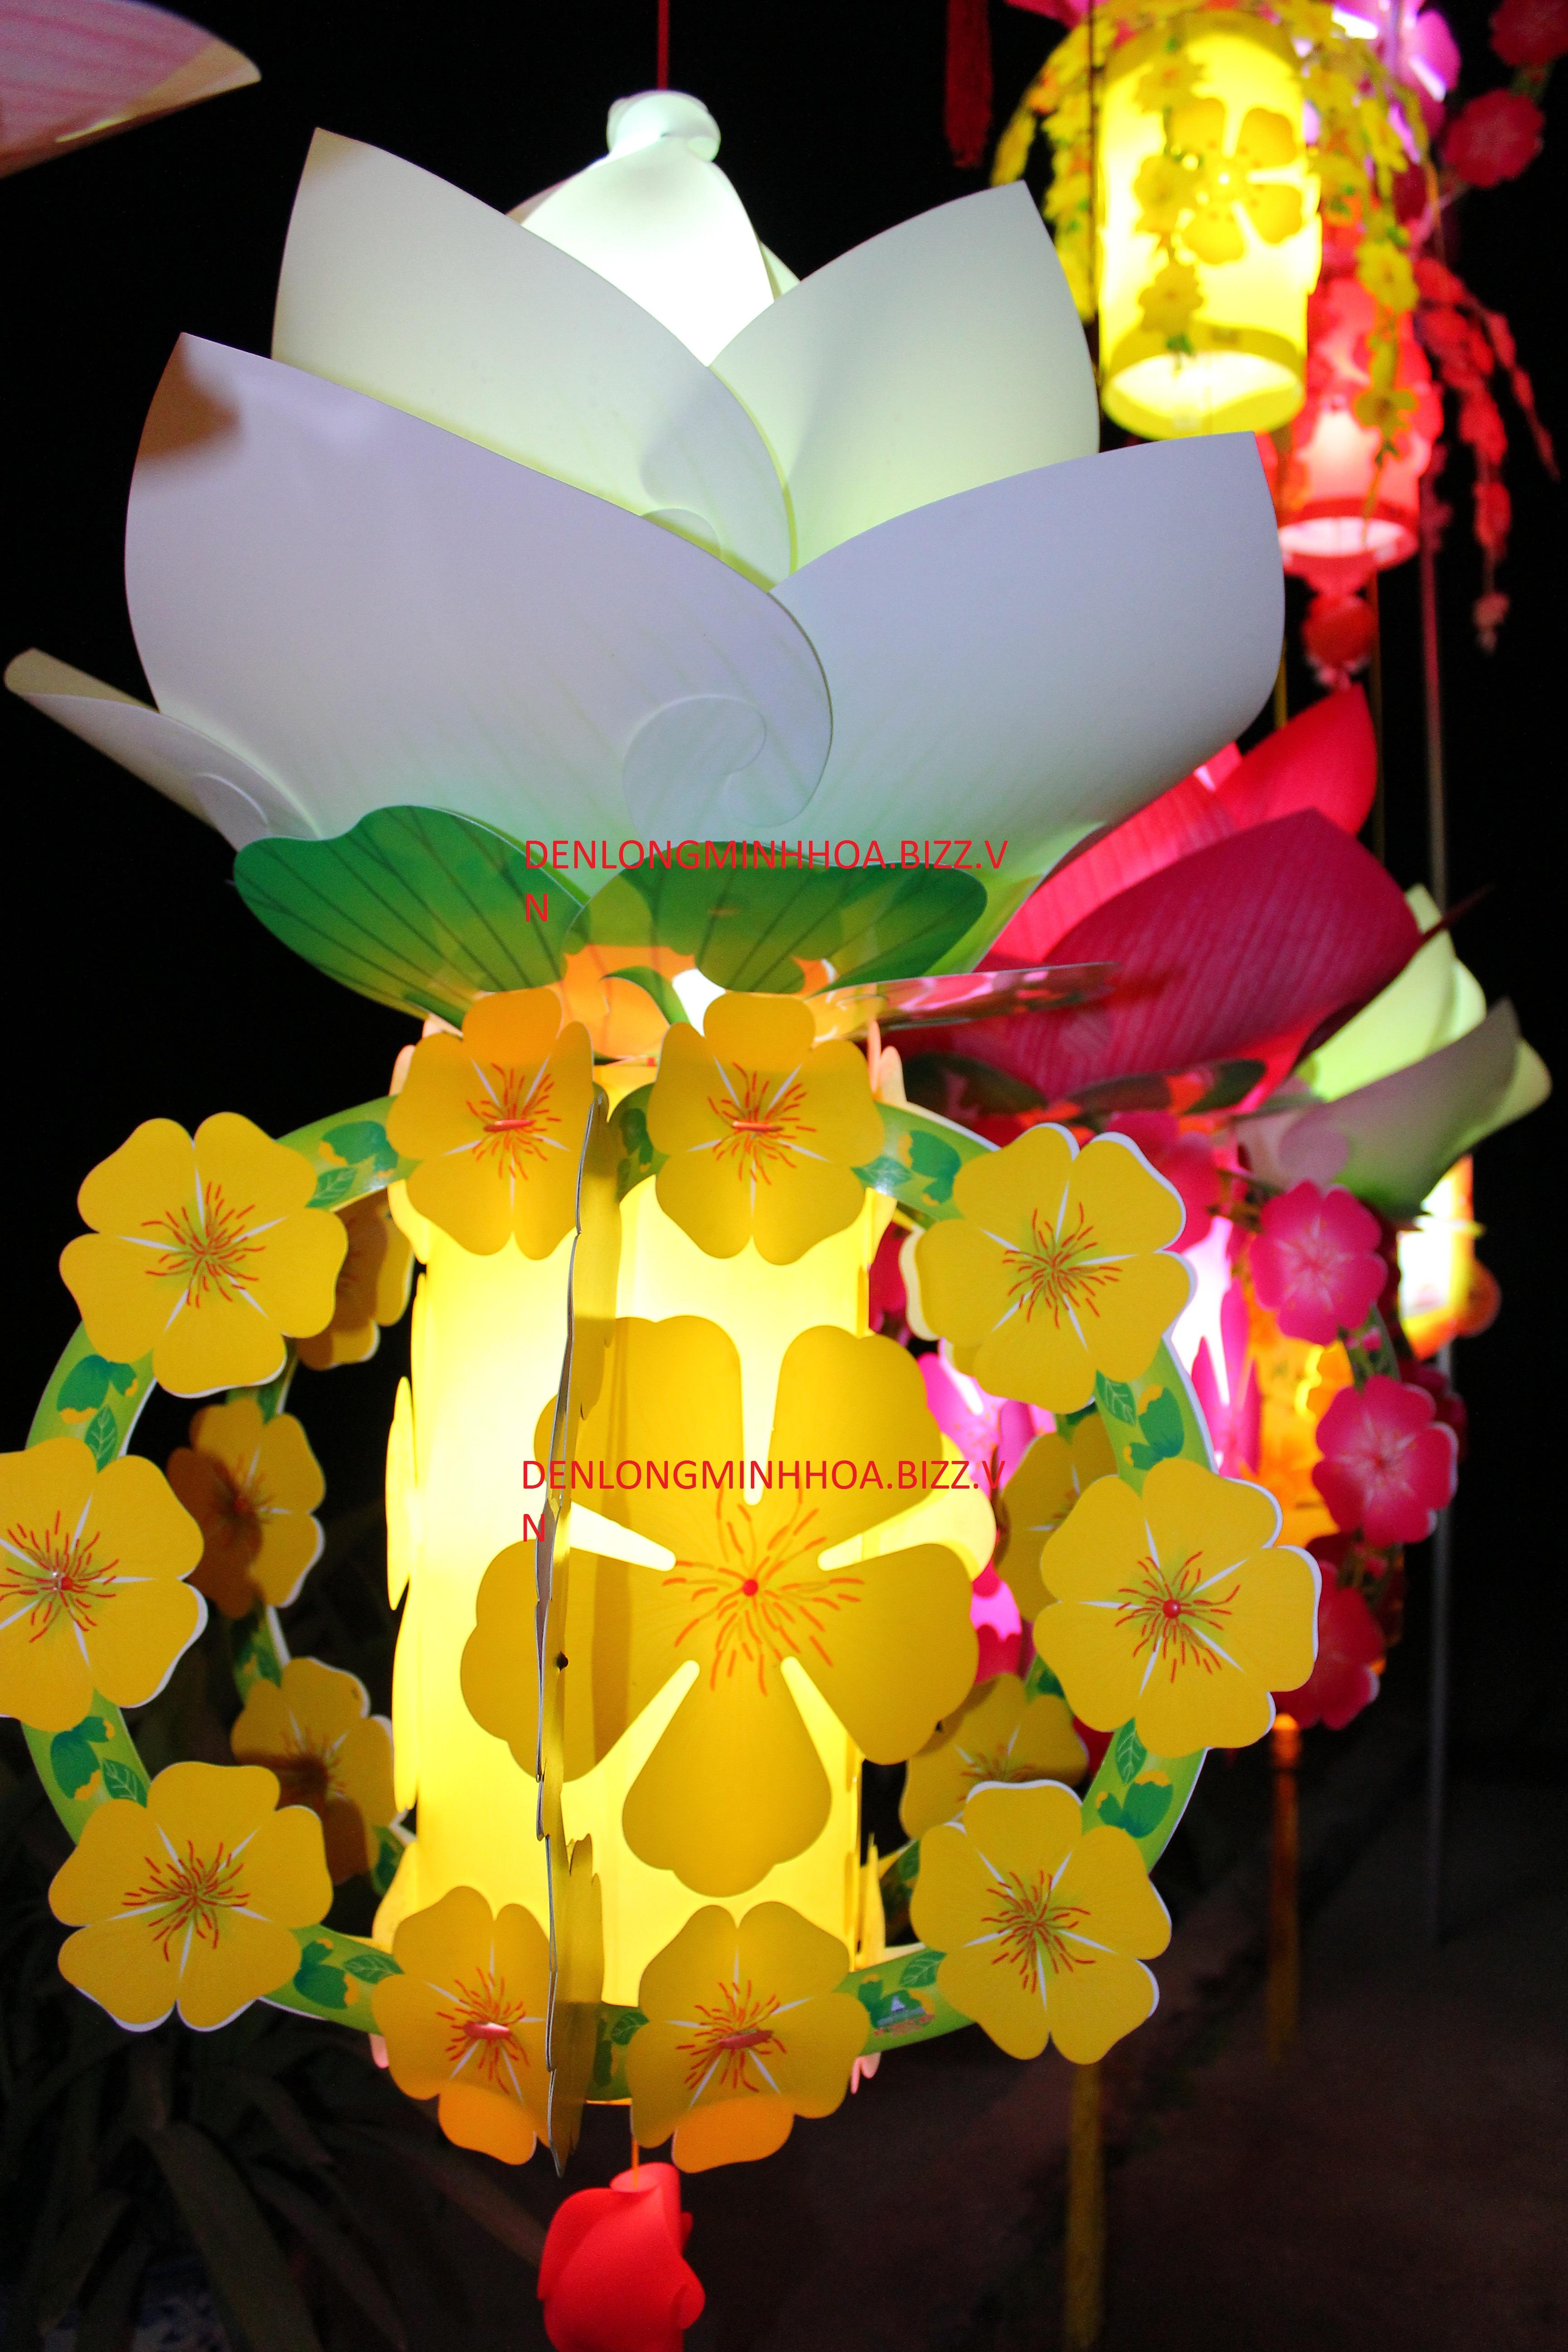 Bán đèn nhựa truyền thống Hà Nội